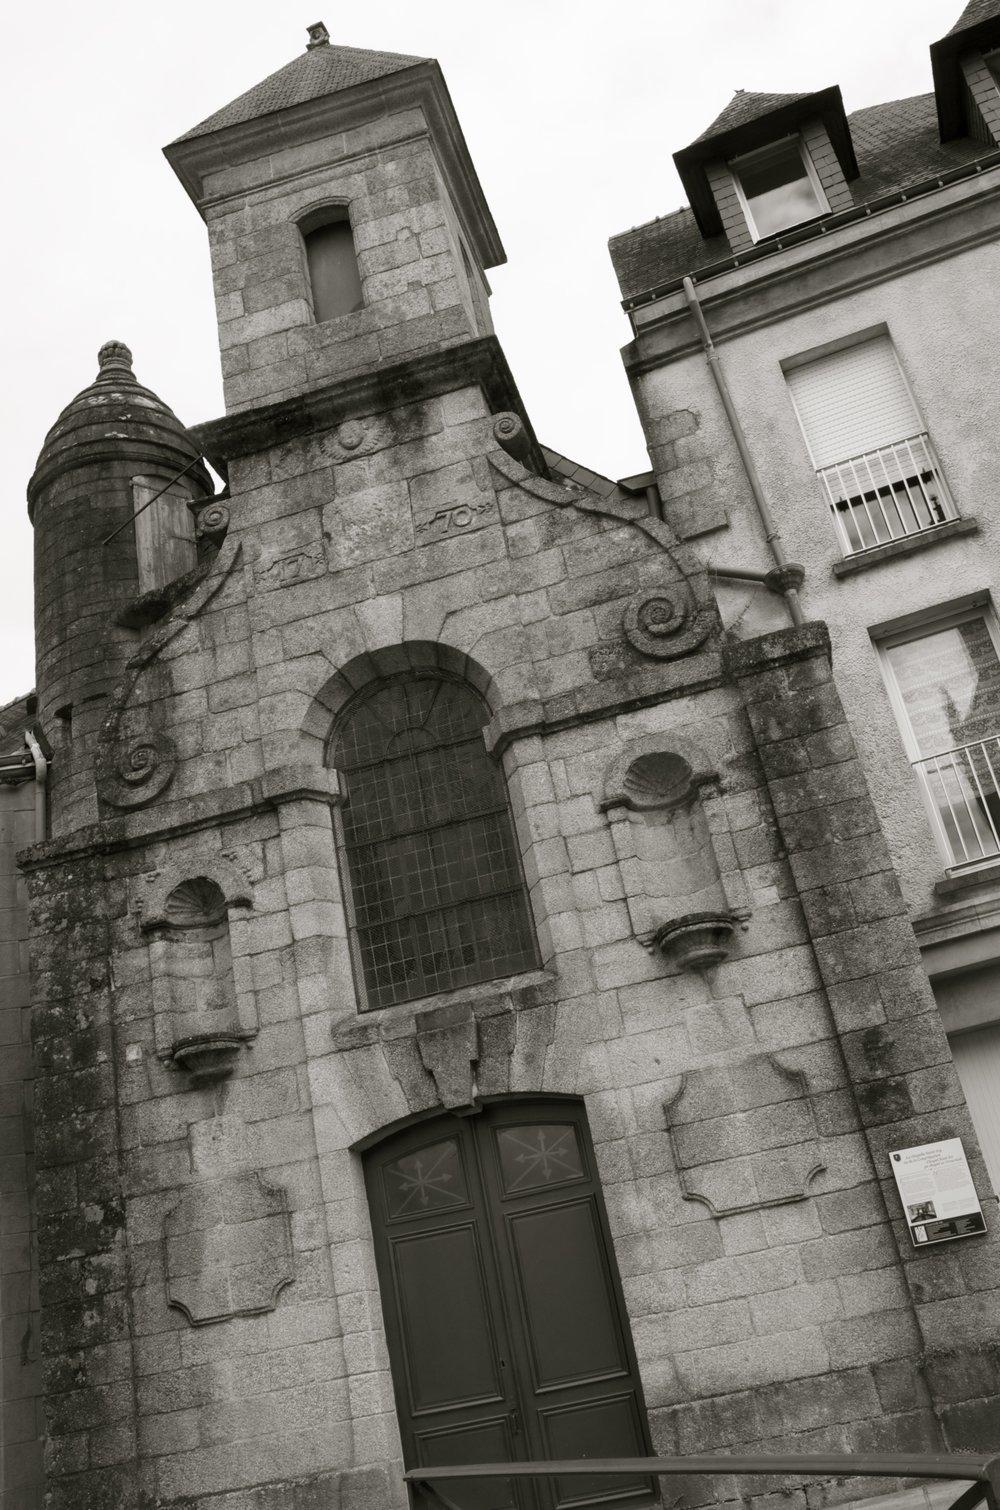 Chapelle St-Ivy, Place Anne-de-Bretagne, Pontivy